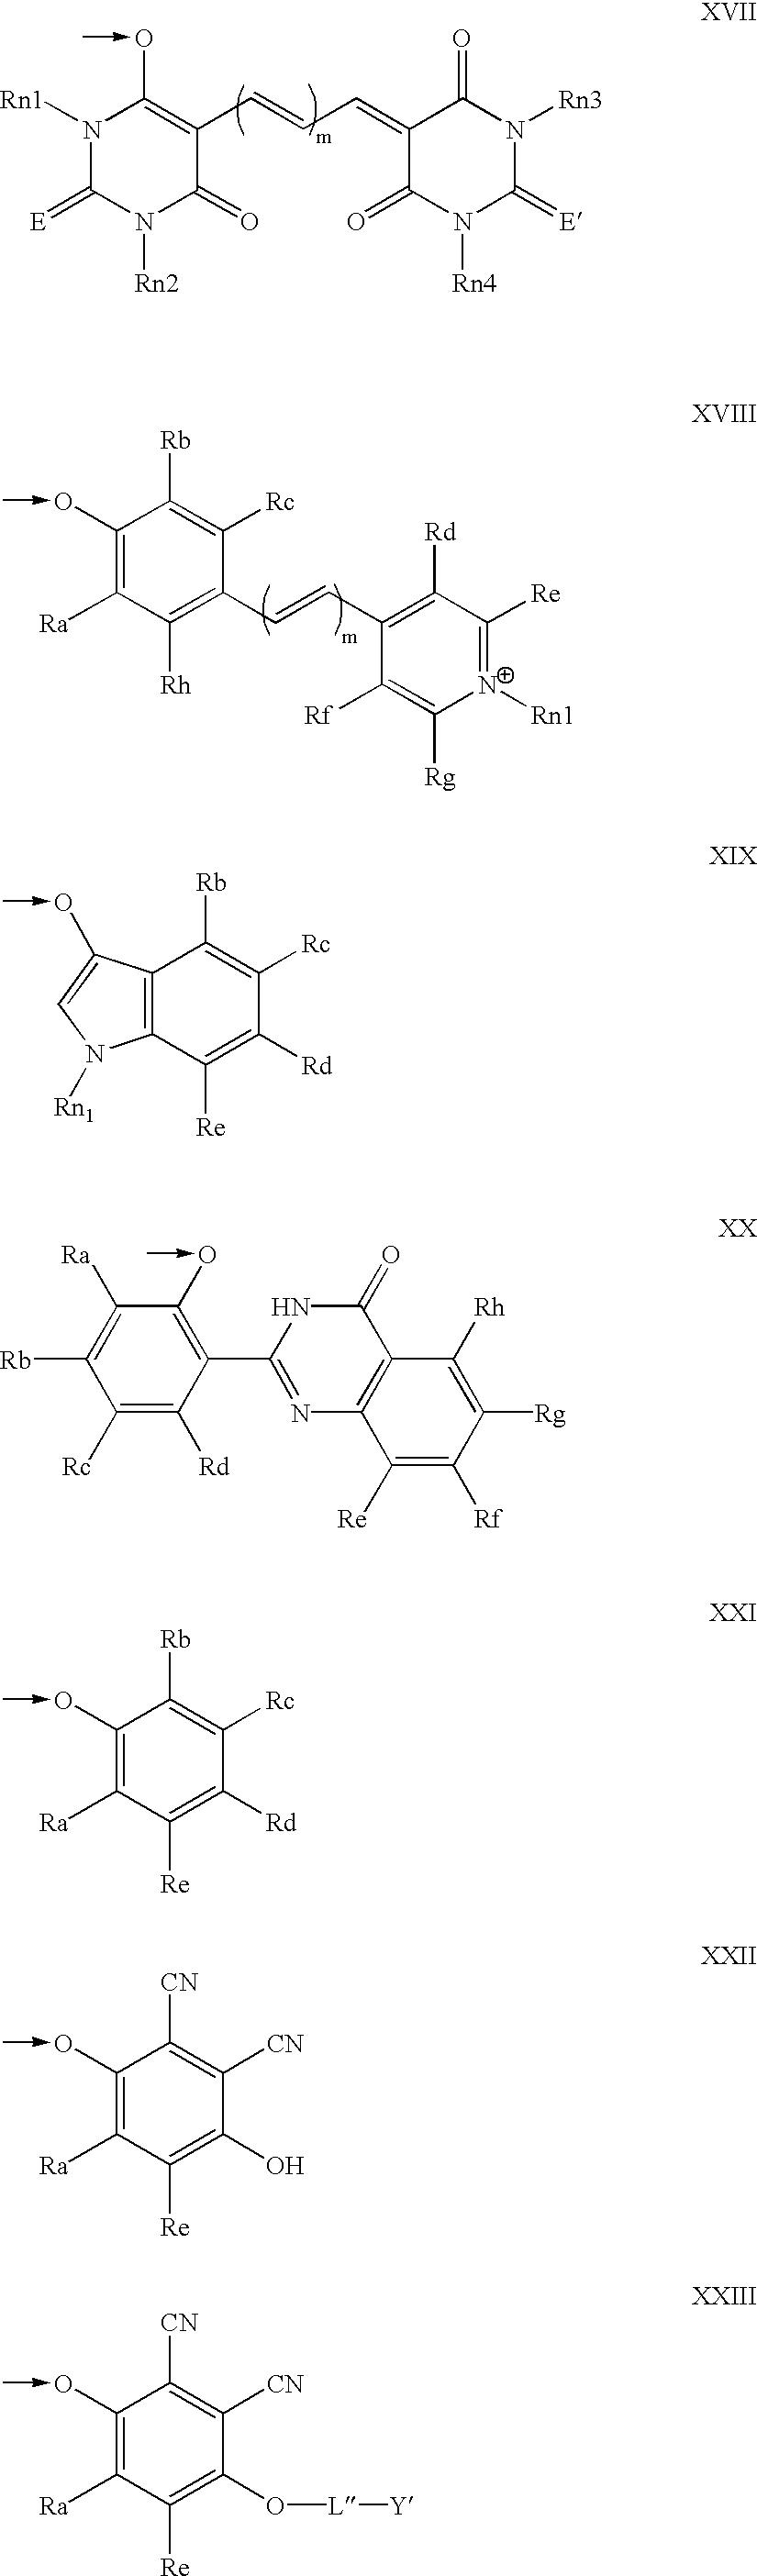 Figure US06514687-20030204-C00080